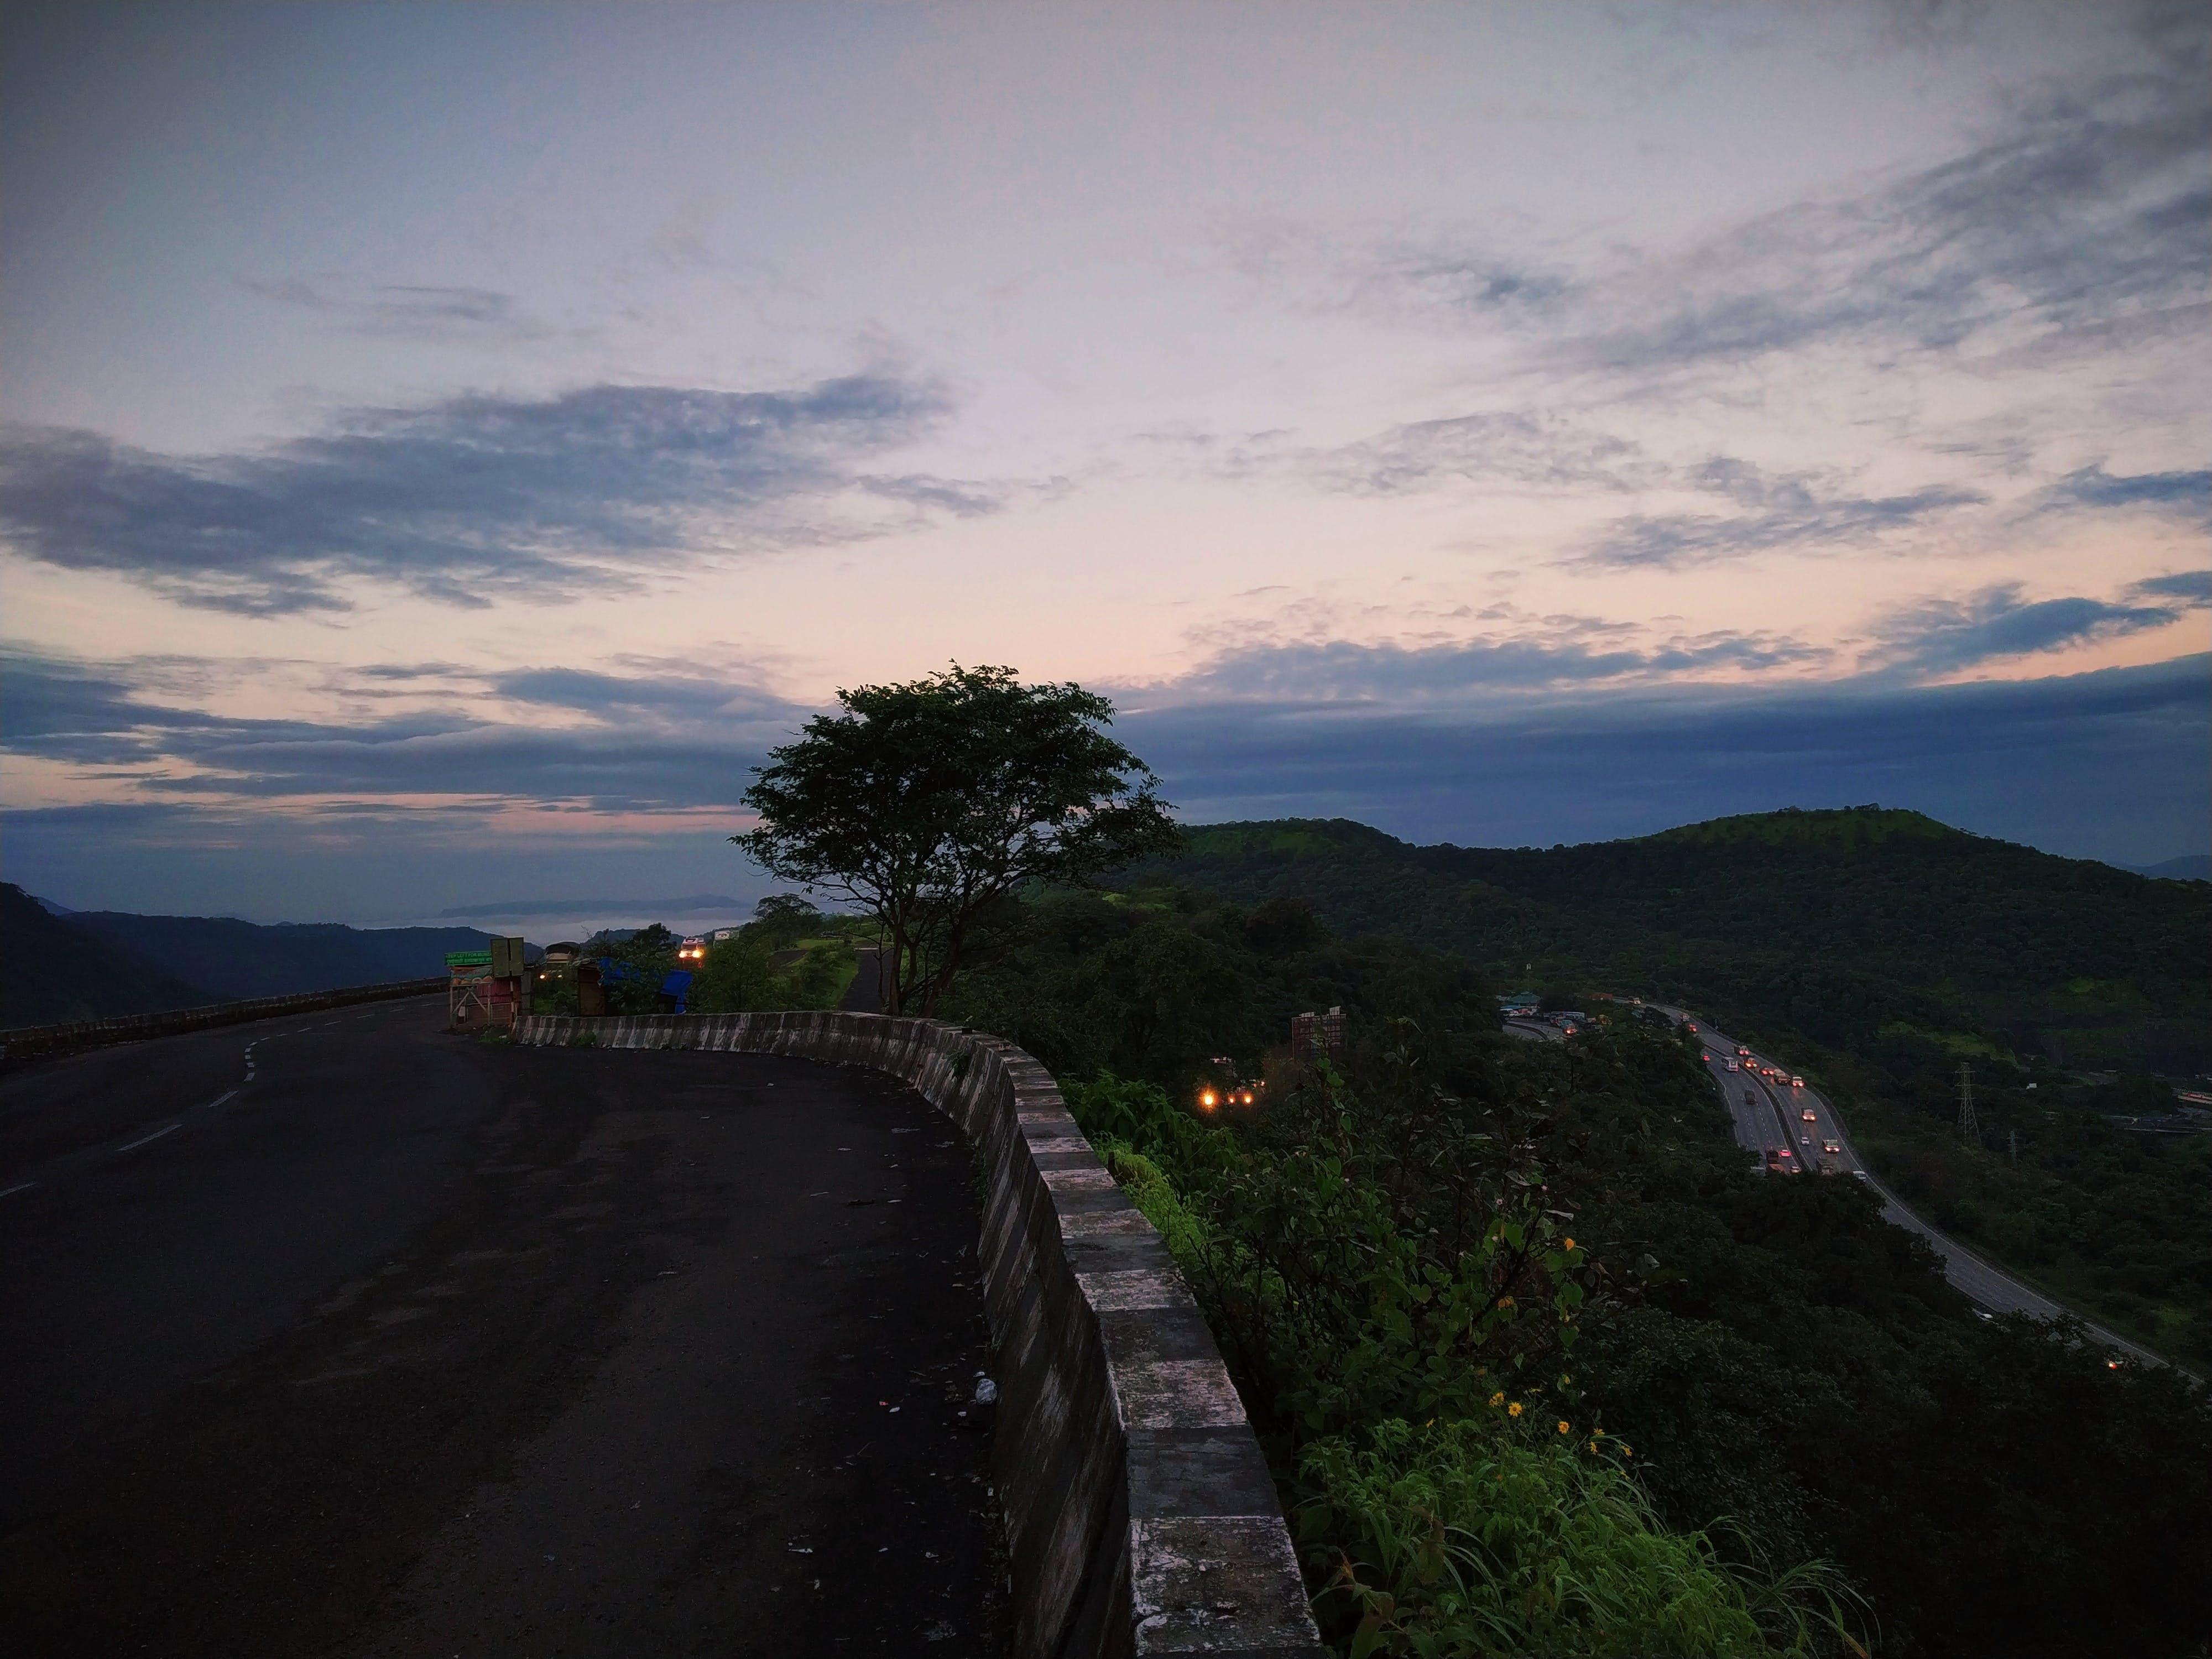 Δωρεάν στοκ φωτογραφιών με dji, osmo mobile 2, απόγευμα, βραδινός ουρανός